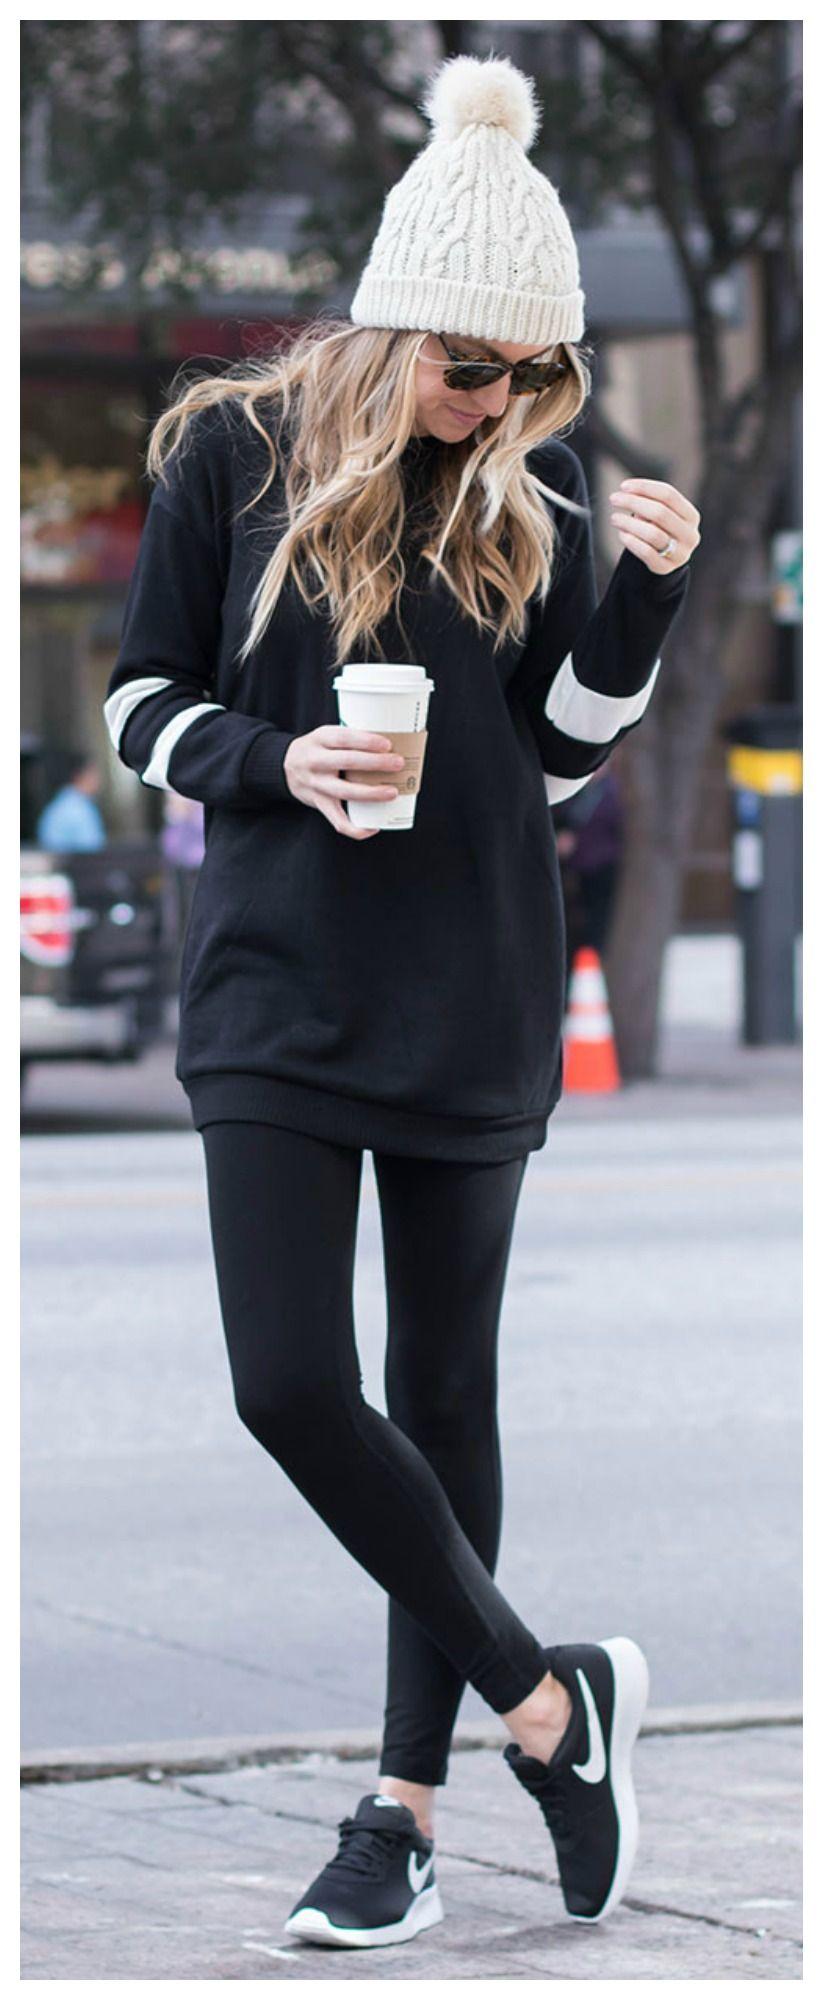 official photos d6d03 9f693 -Para el invierno -Mallas negras, sudadero negra, zapatos de tenis negros,  y un sombrero blanco -Cuestan  110 102.14€ -Clavado por  Aubrey DeVries